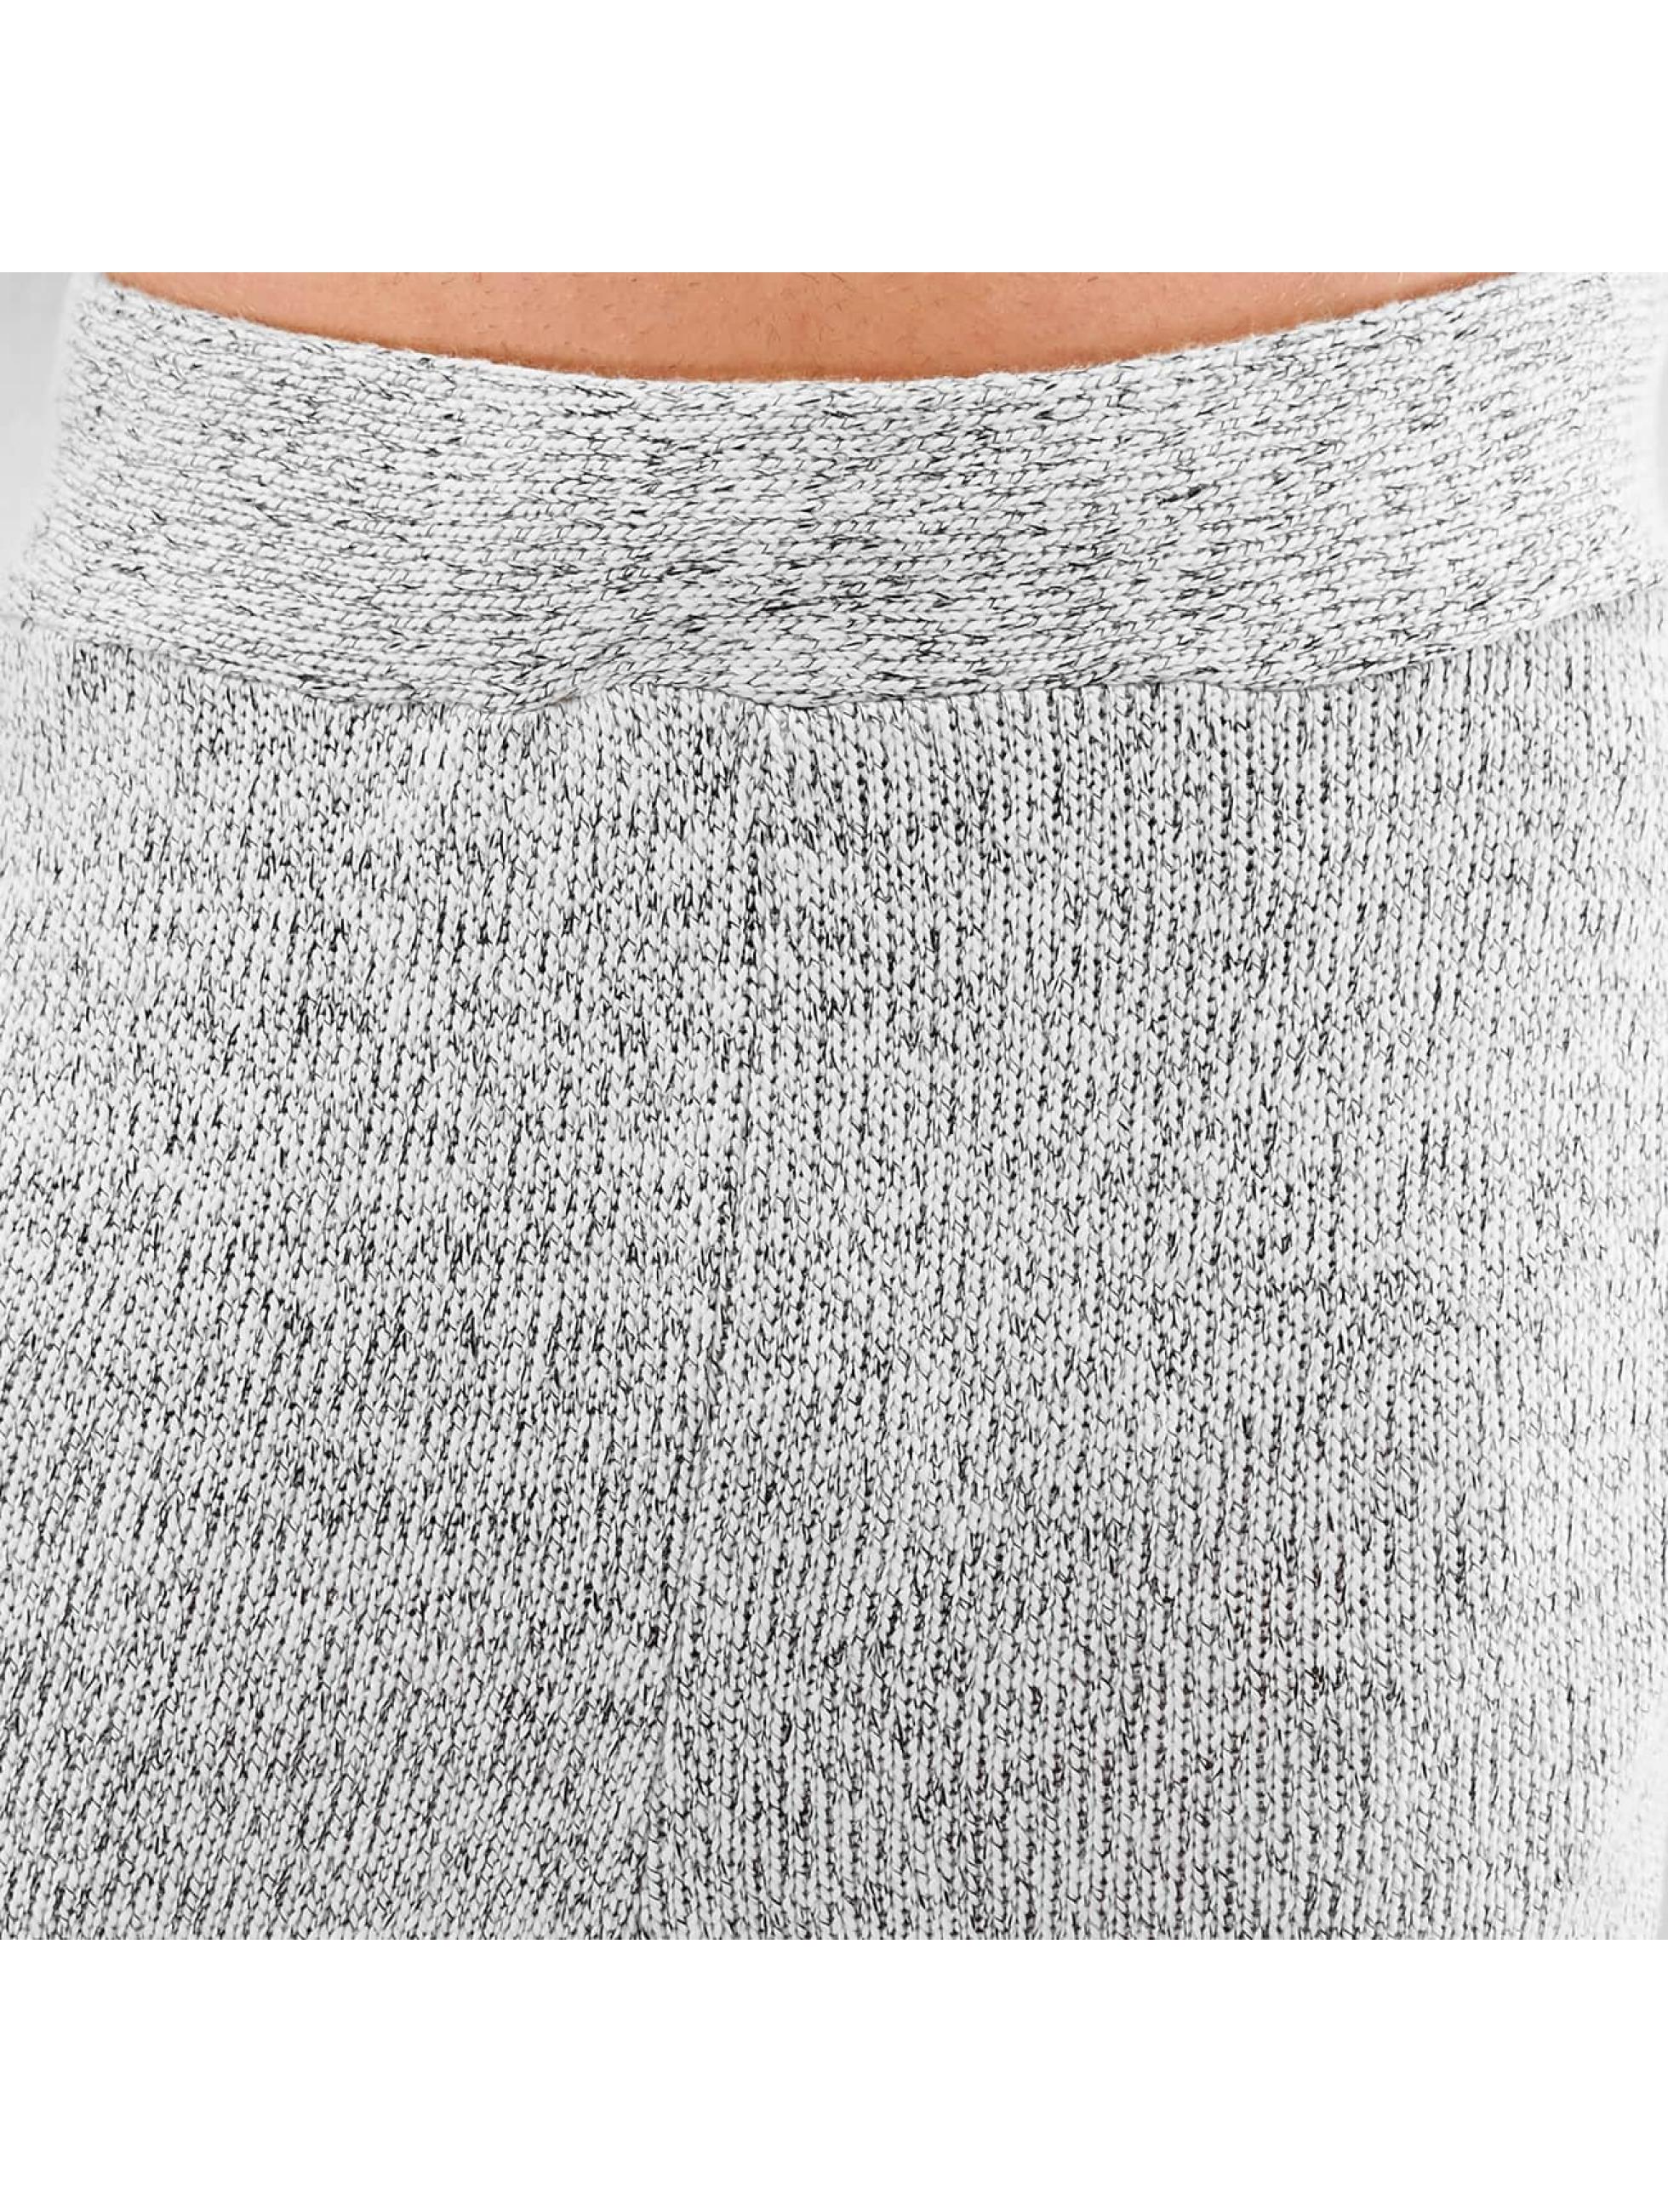 DEF Спортивные брюки Knit серый